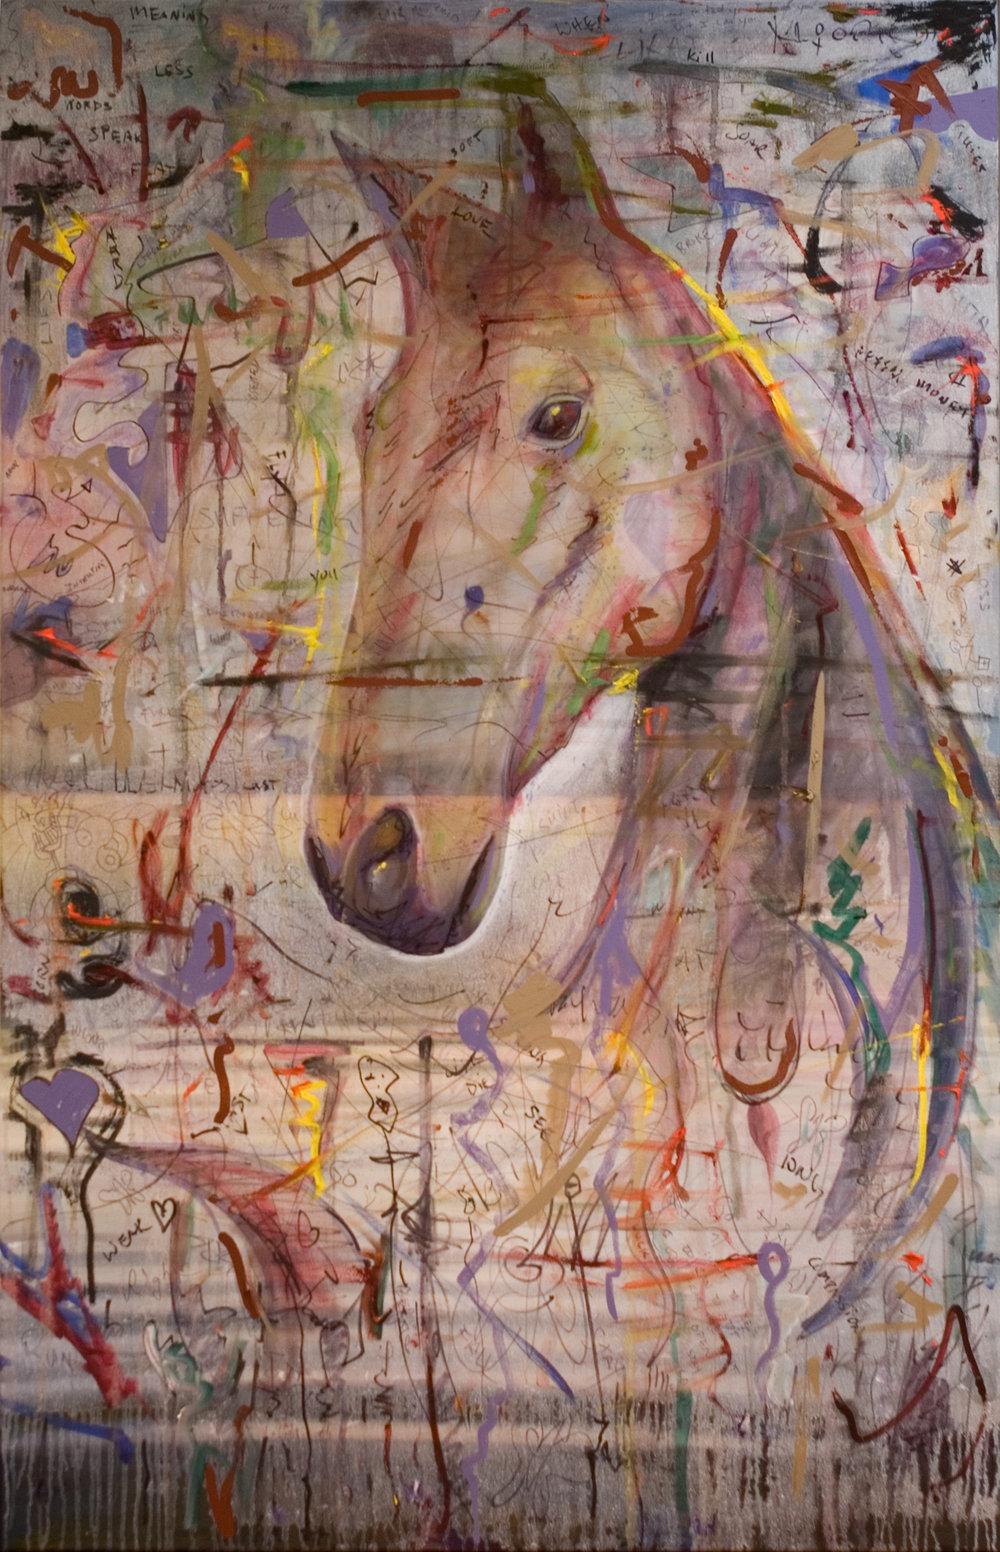 caballo_01.jpg